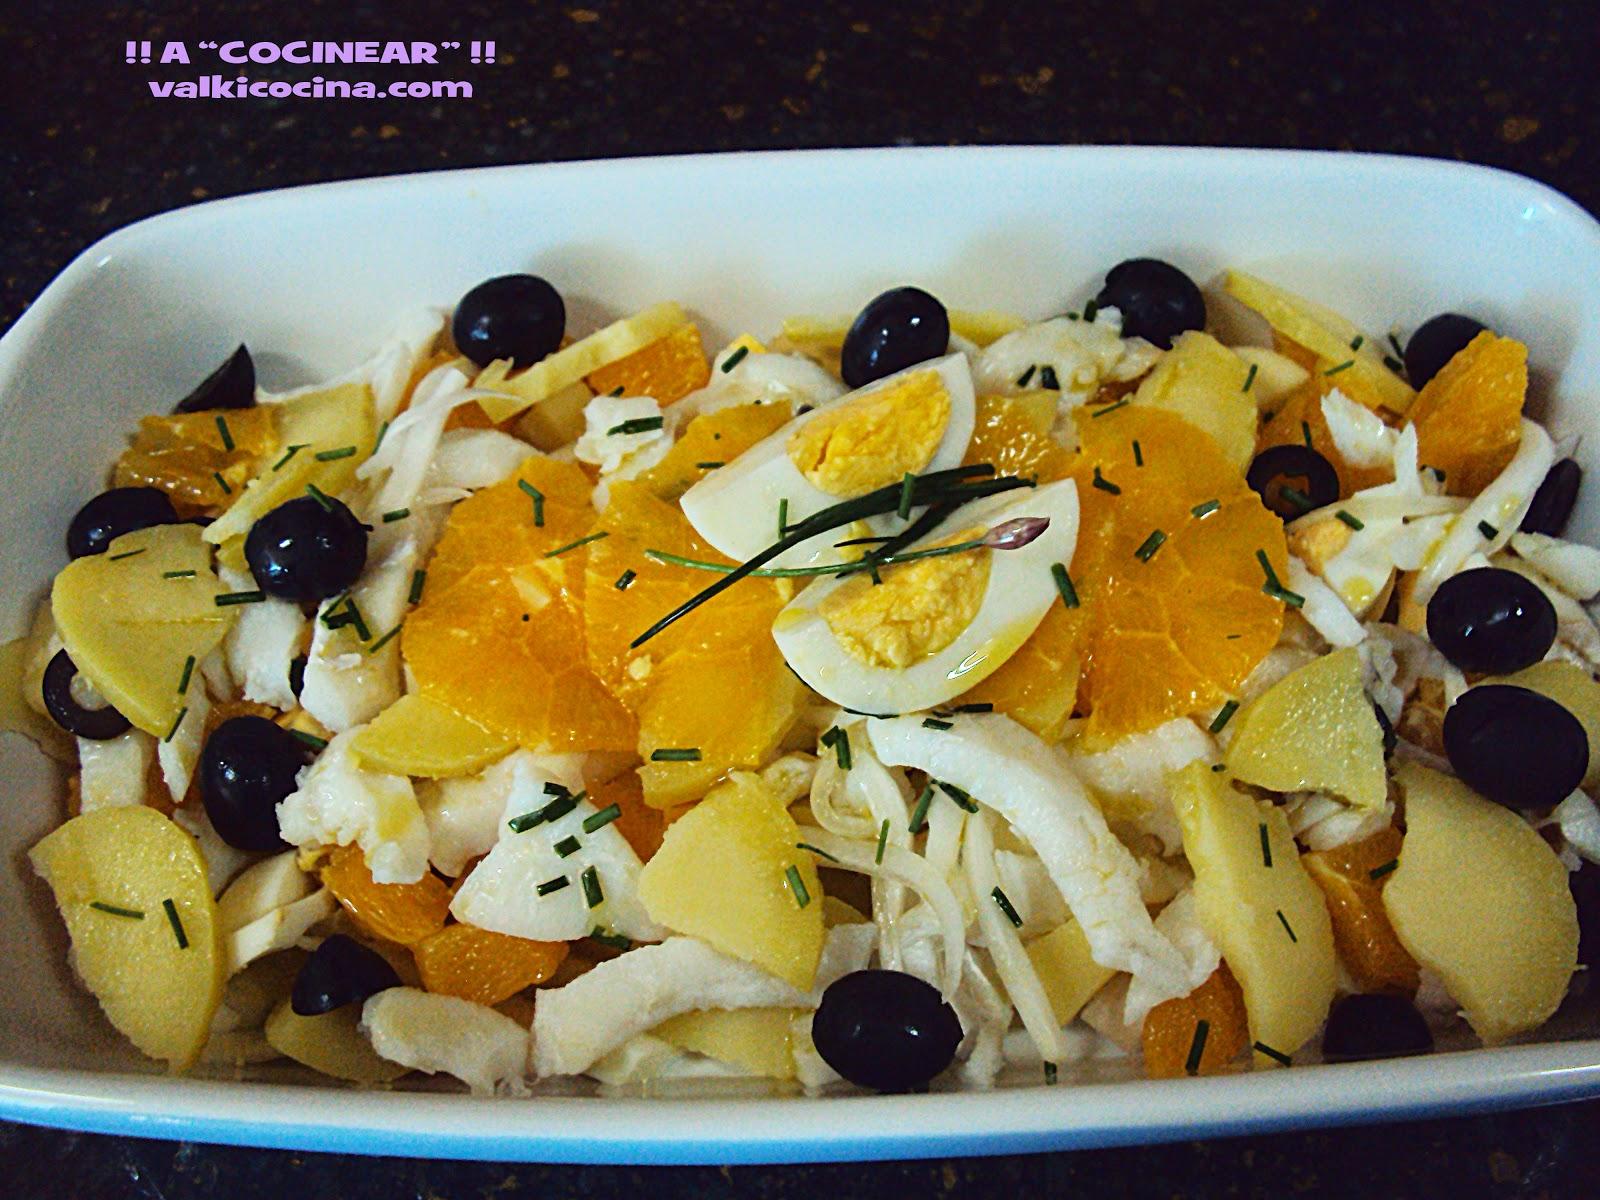 ensalada de bacalao, patata y naranja